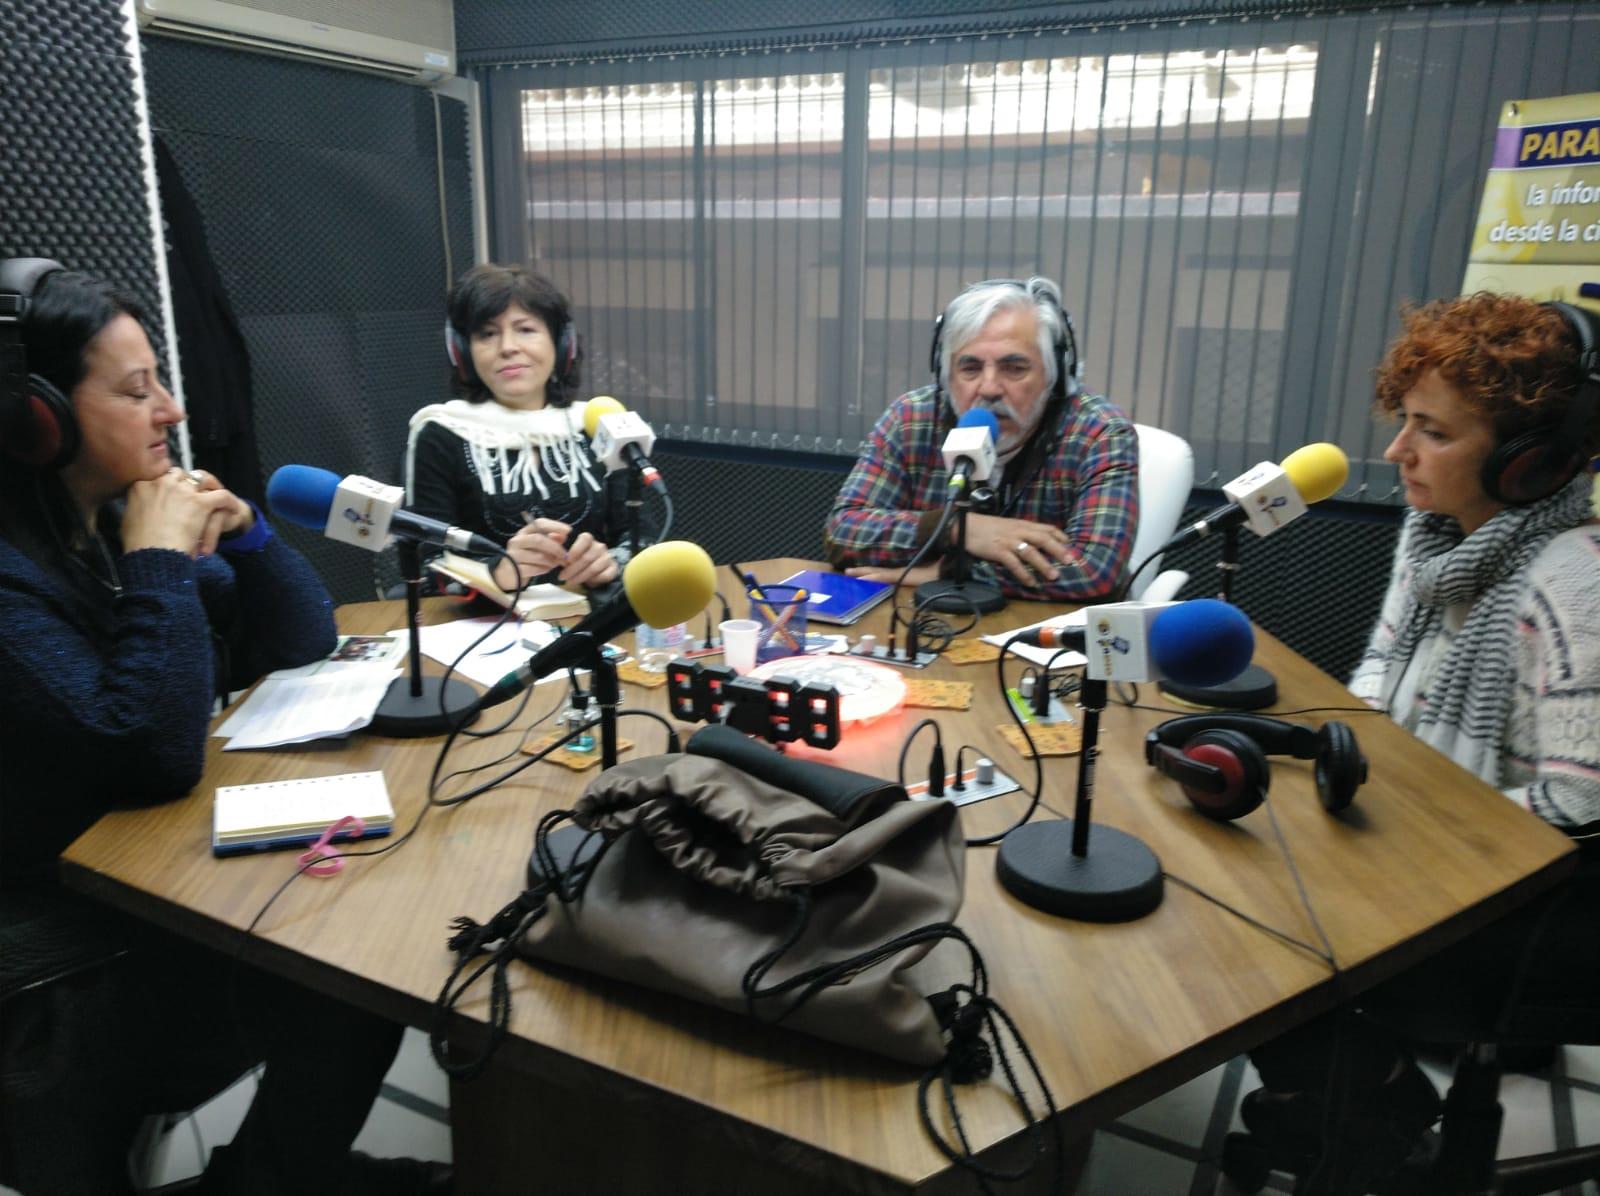 Vigésimoprimer programa de la 3ª temporada de ¡Qué tal!¿Cómo estamos? Con Inés Fontiveros y Álex Castellano